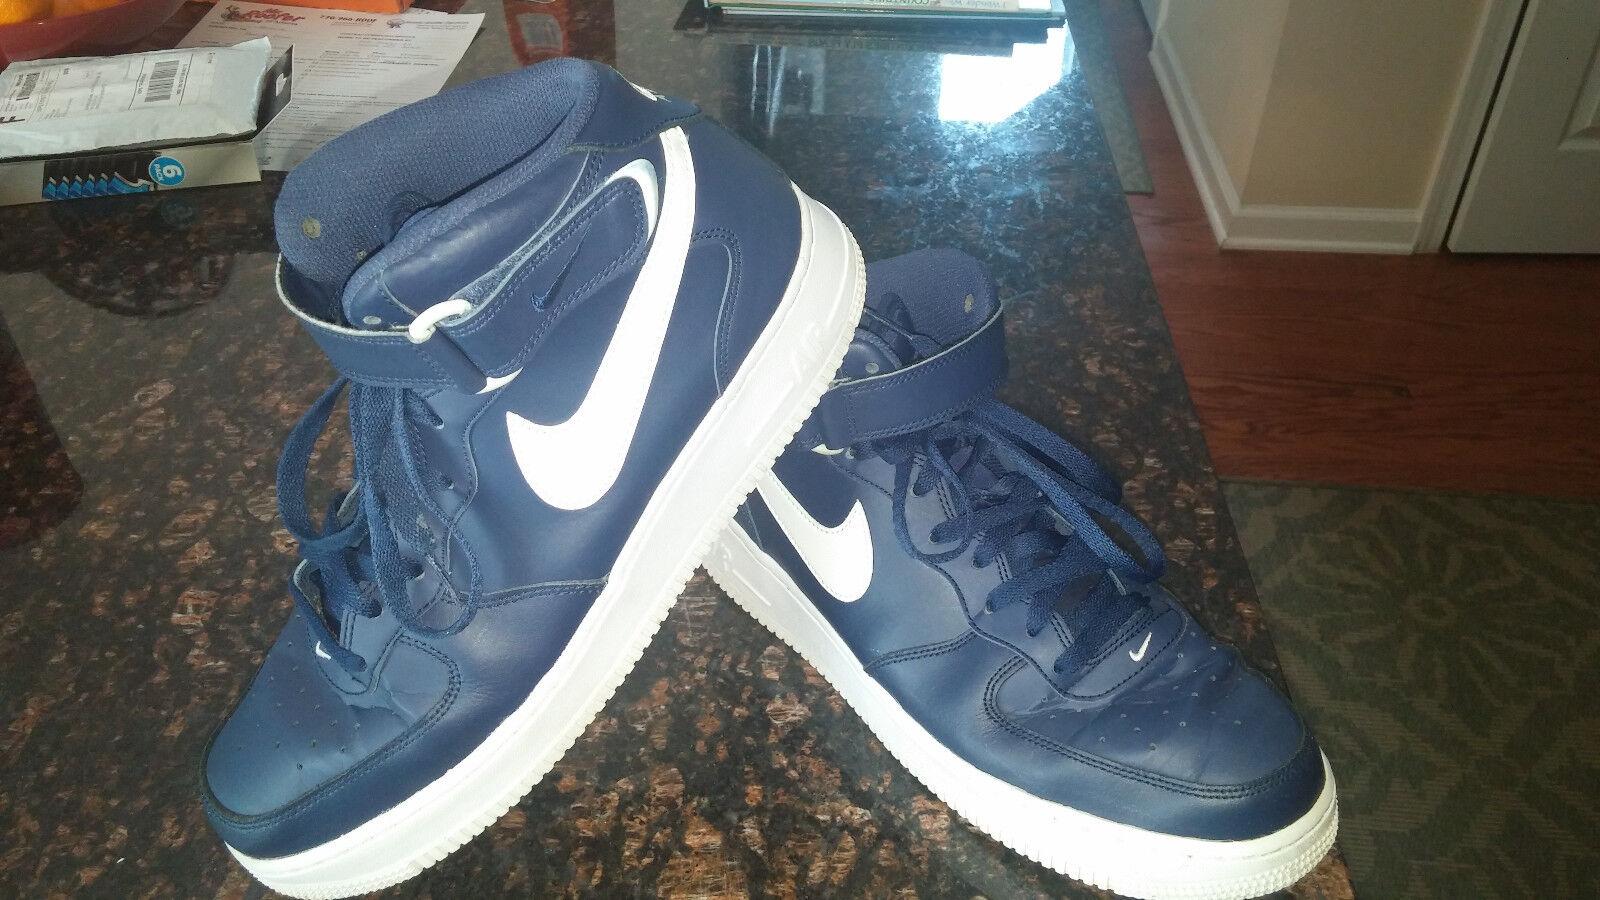 Nike AF1 Air Force Ones Högsta flottans blå blå blå blå amerikanska storlek 10 EUR 44 EU -uppgifter  no.1 online